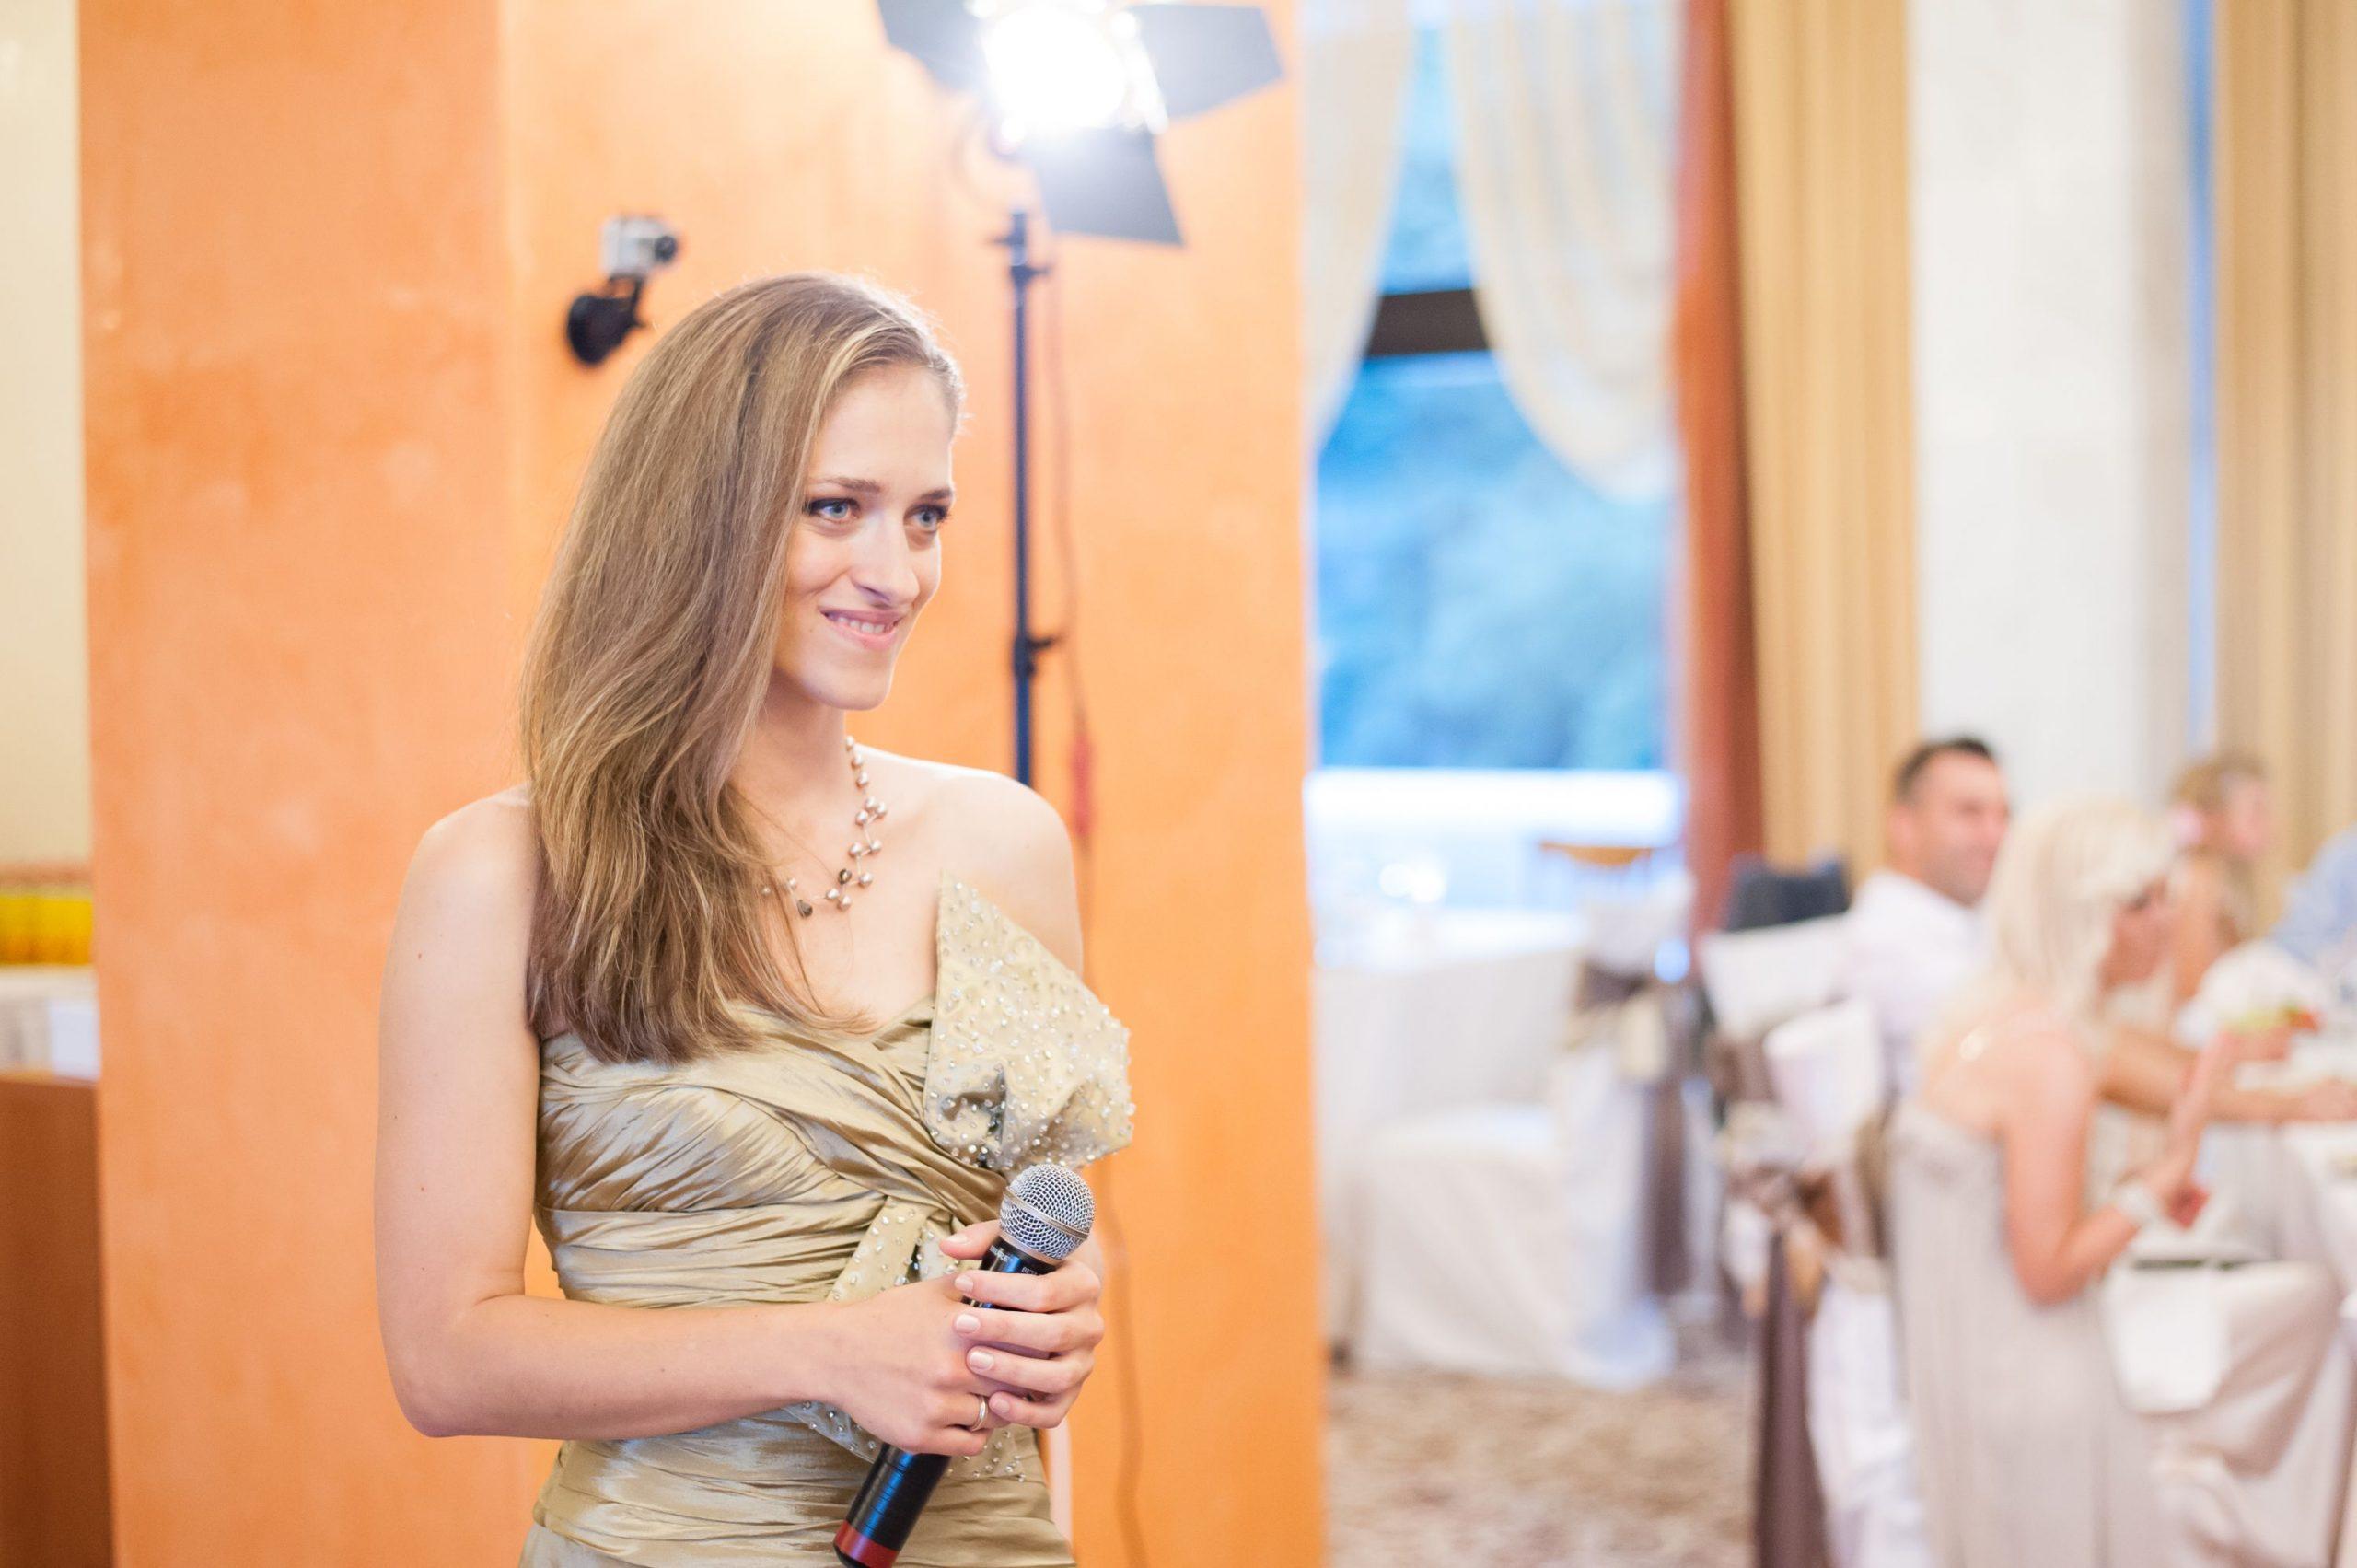 Evgeniya Vasileva - Zheni - Пертито